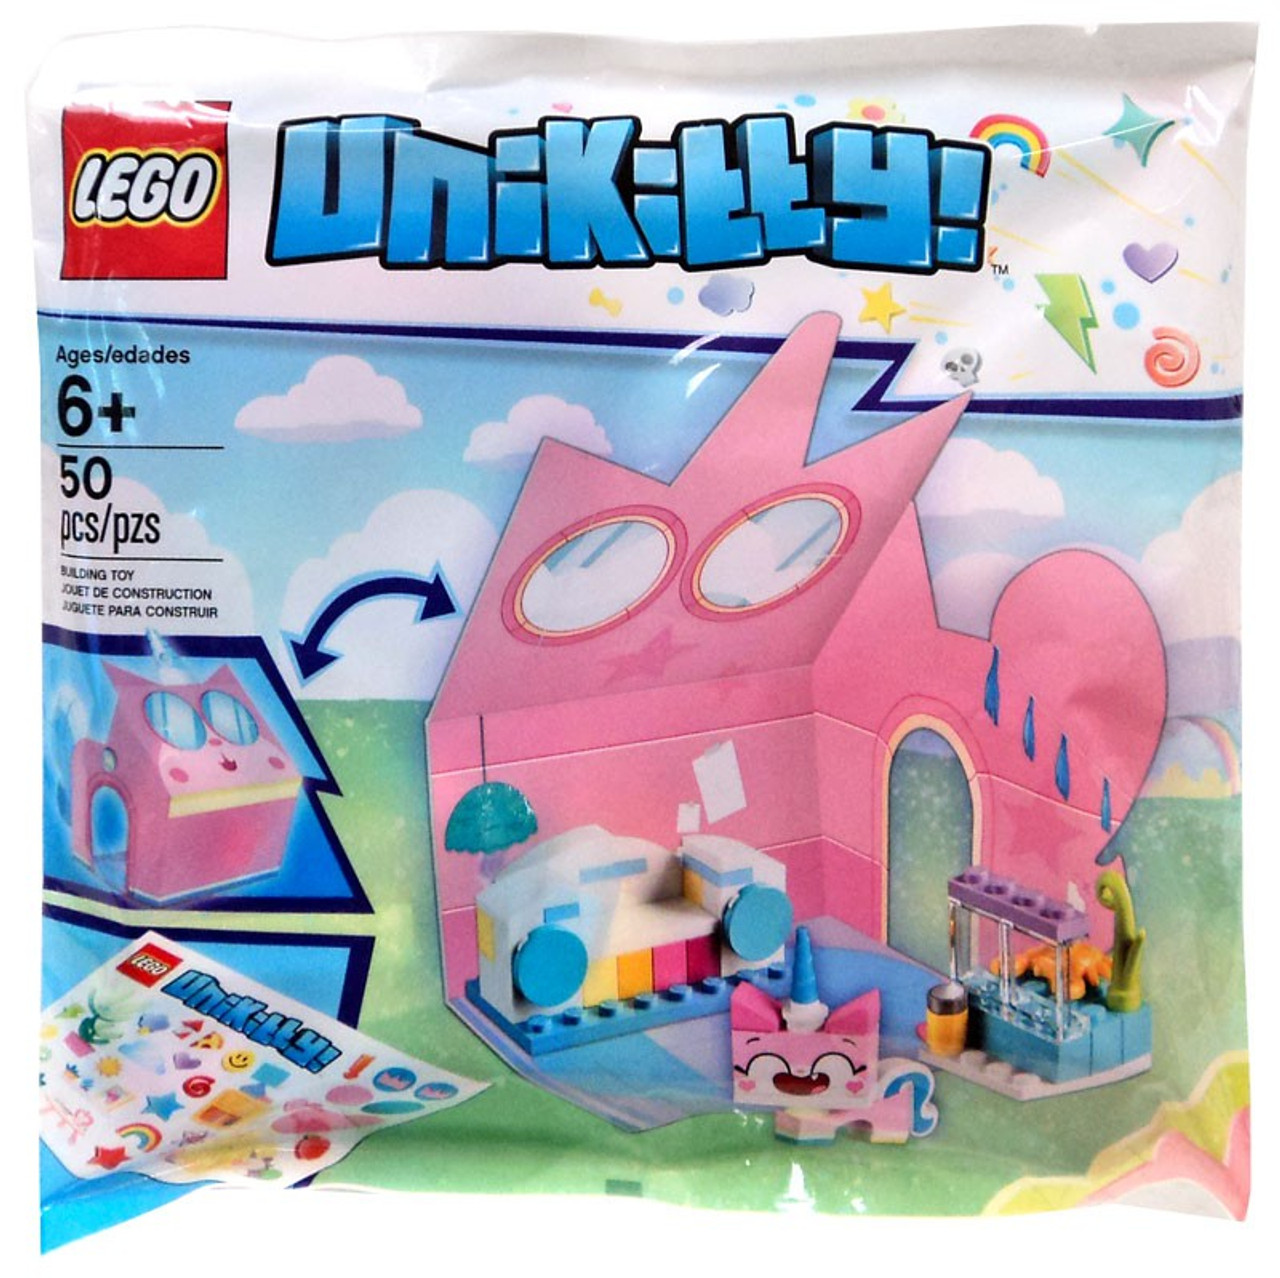 LEGO Unikitty Unikitty Castle Room Set 5005239 Bagged - ToyWiz